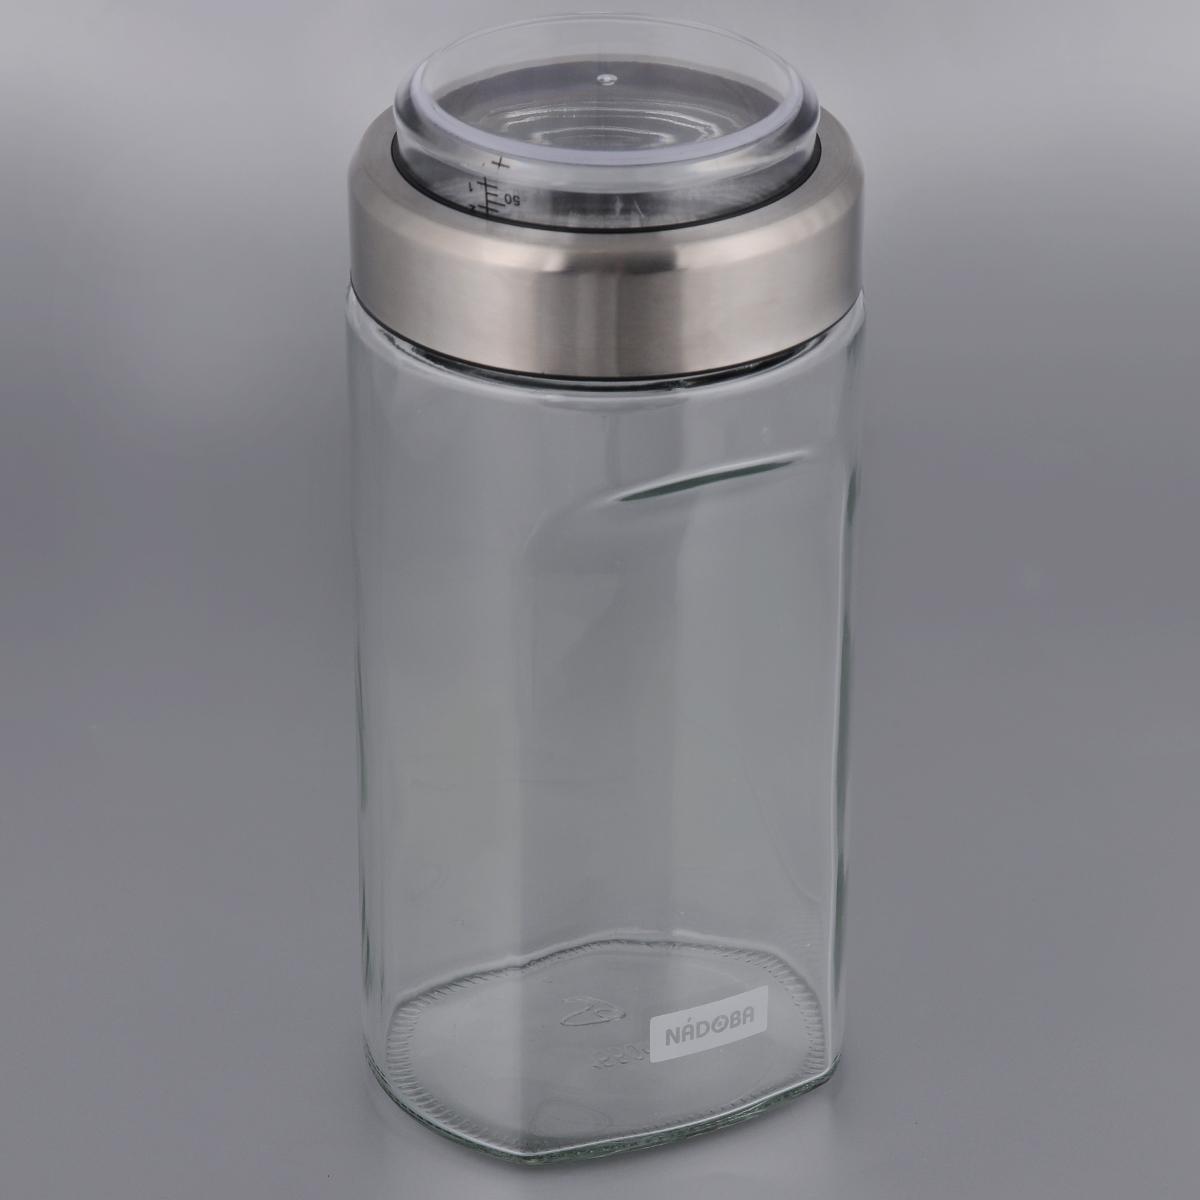 Емкость для сыпучих продуктов Nadoba Petra, с мерным стаканом, 1,15 л741012Емкость Nadoba Petra, изготовленная из высокопрочного стекла, оснащена мерным стаканом, который встроен в крышку. Благодаря эргономичному дизайну изделие удобно брать одной рукой. Стенки емкости прозрачные - хорошо видно, что внутри. Изделие идеально подходит для хранения различных сыпучих продуктов: круп, макарон, специй, кофе, сахара, орехов, кондитерских изделий и многого другого. Диаметр емкости (по верхнему краю): 9,5 см. Высота (без учета крышки): 16 см.